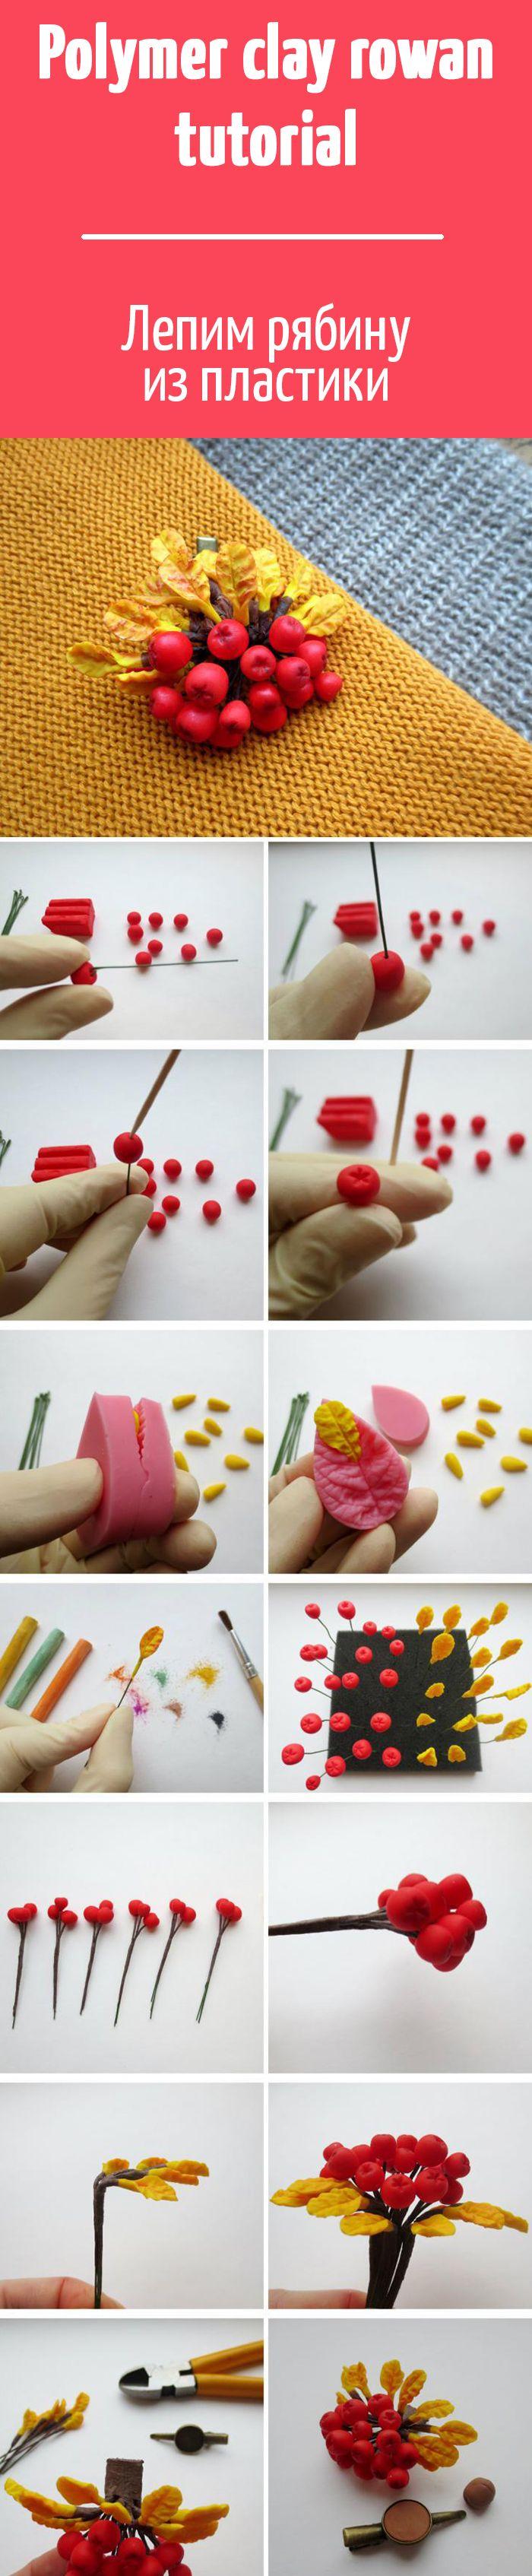 Лепим рябину из полимерной глины / Polymer clay rowan tutorial